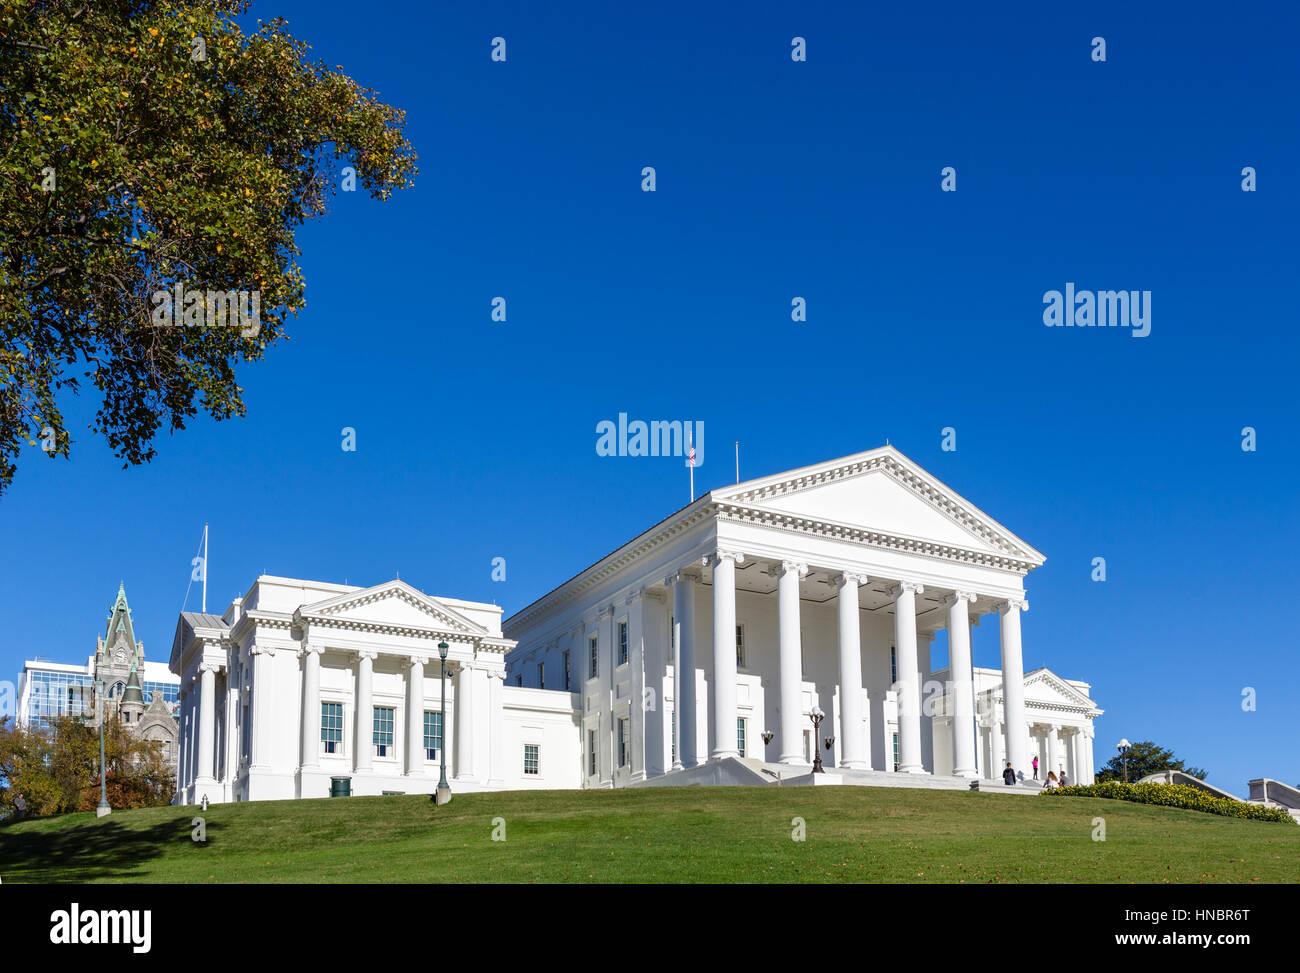 Virginia State Capitol, Richmond, Virginia - Stock Image